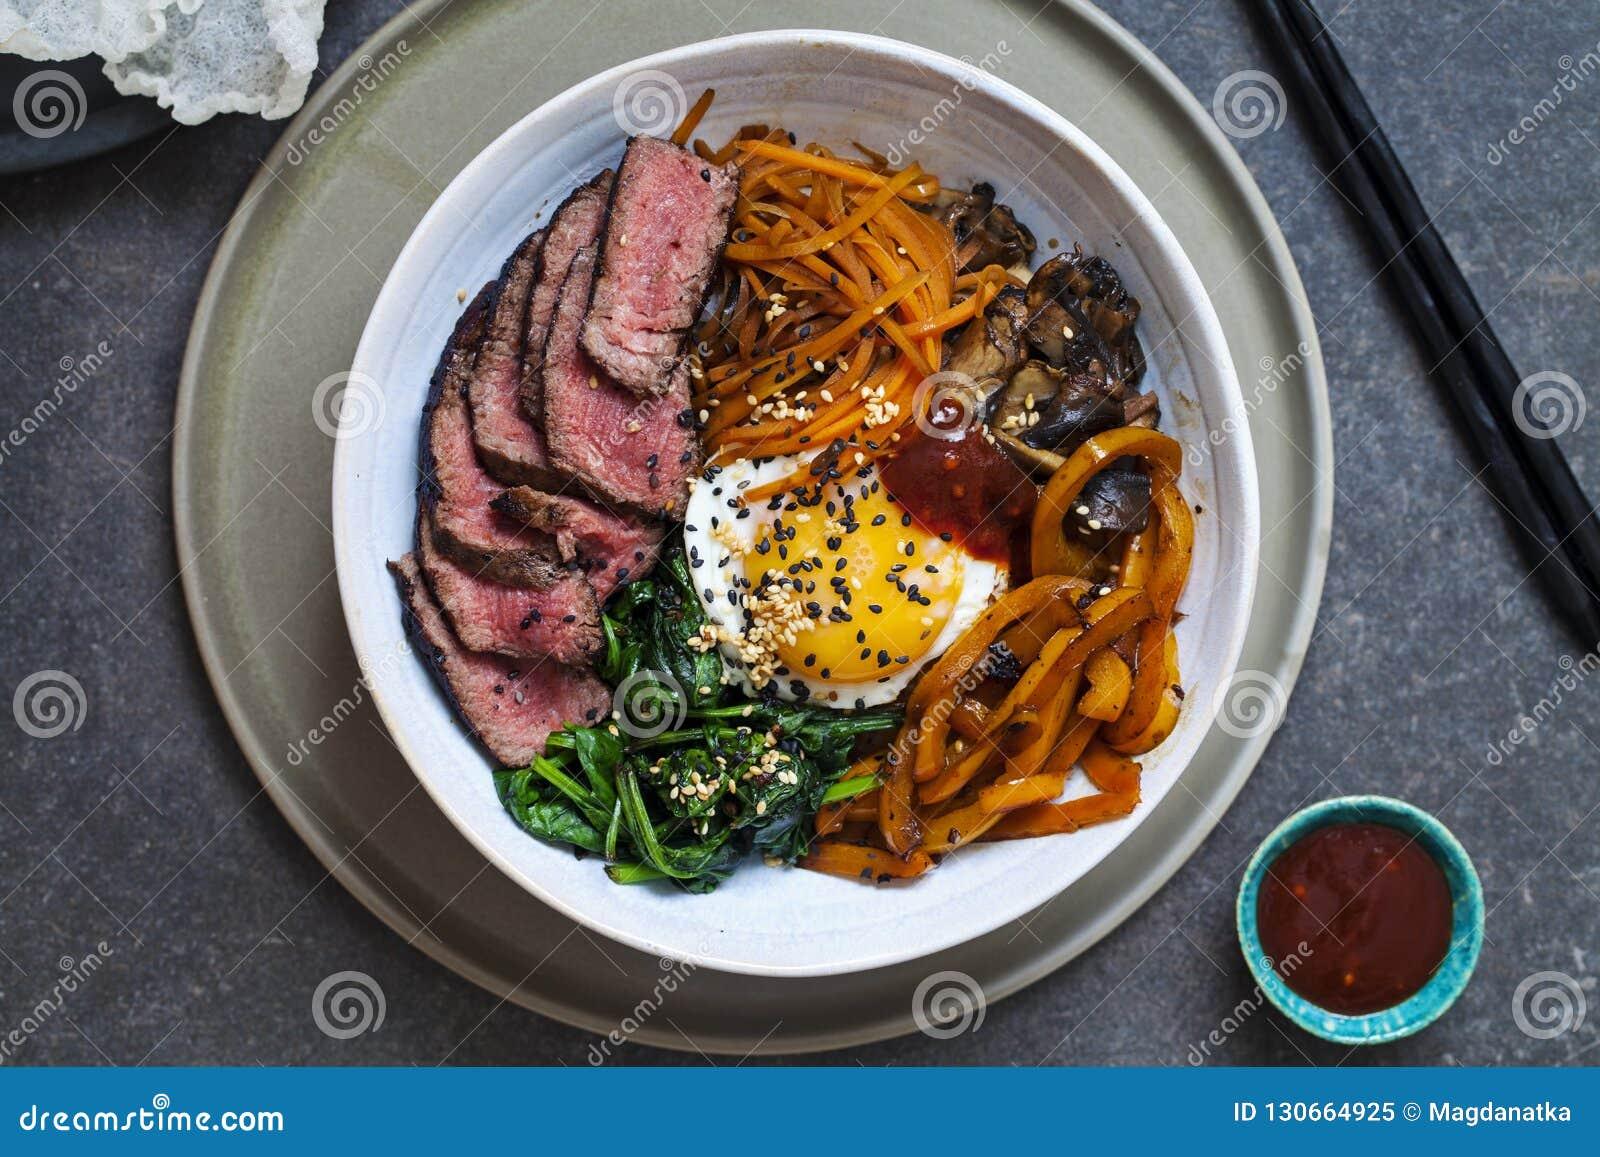 朝鲜拌饭、韩国牛肉和菜